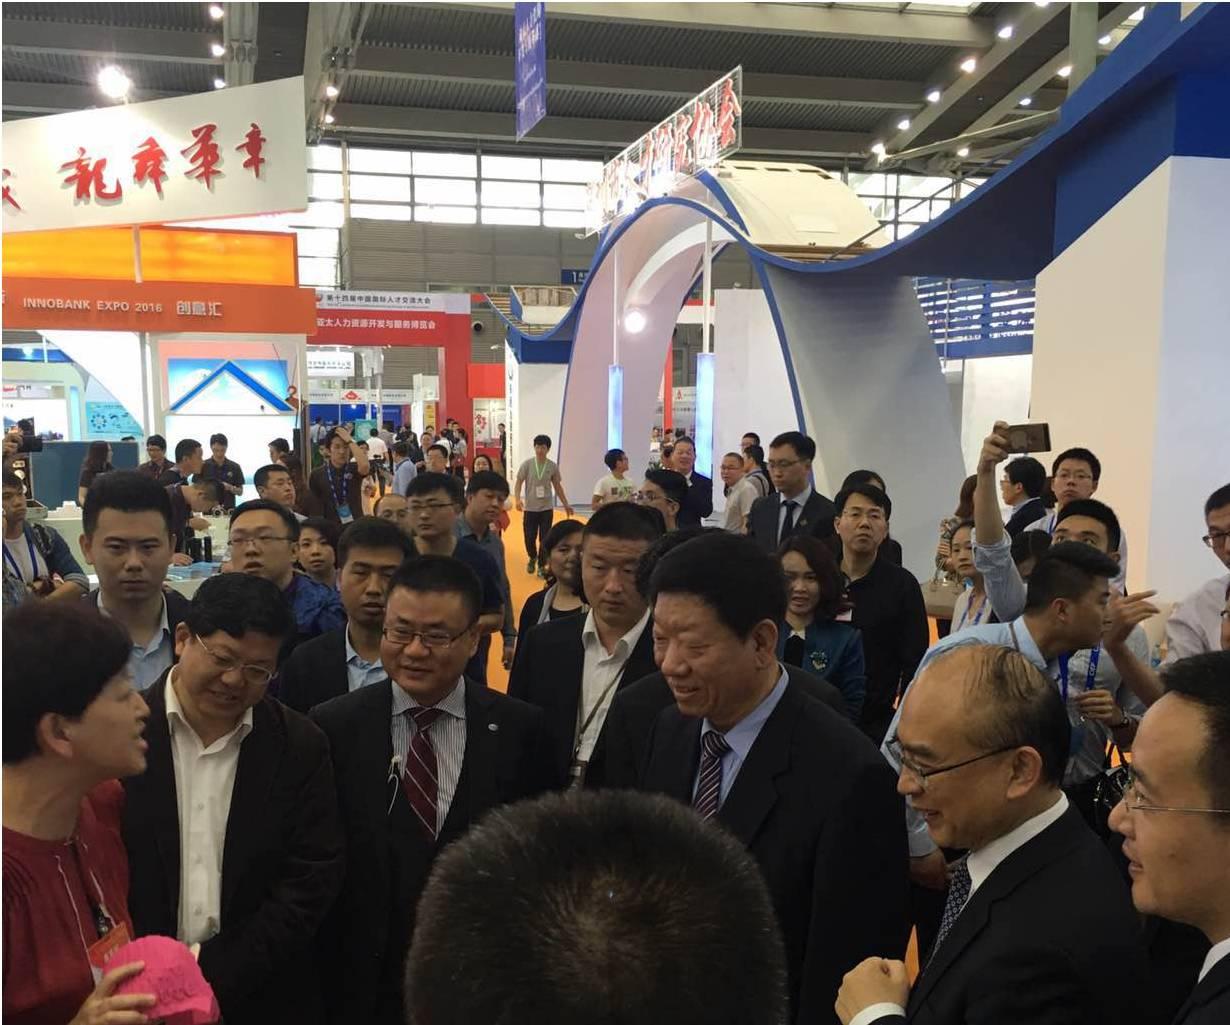 国家外专局张建国局长、深圳市许勤市长莅临ITTN展区参观,张璋秘书长陪同。.png